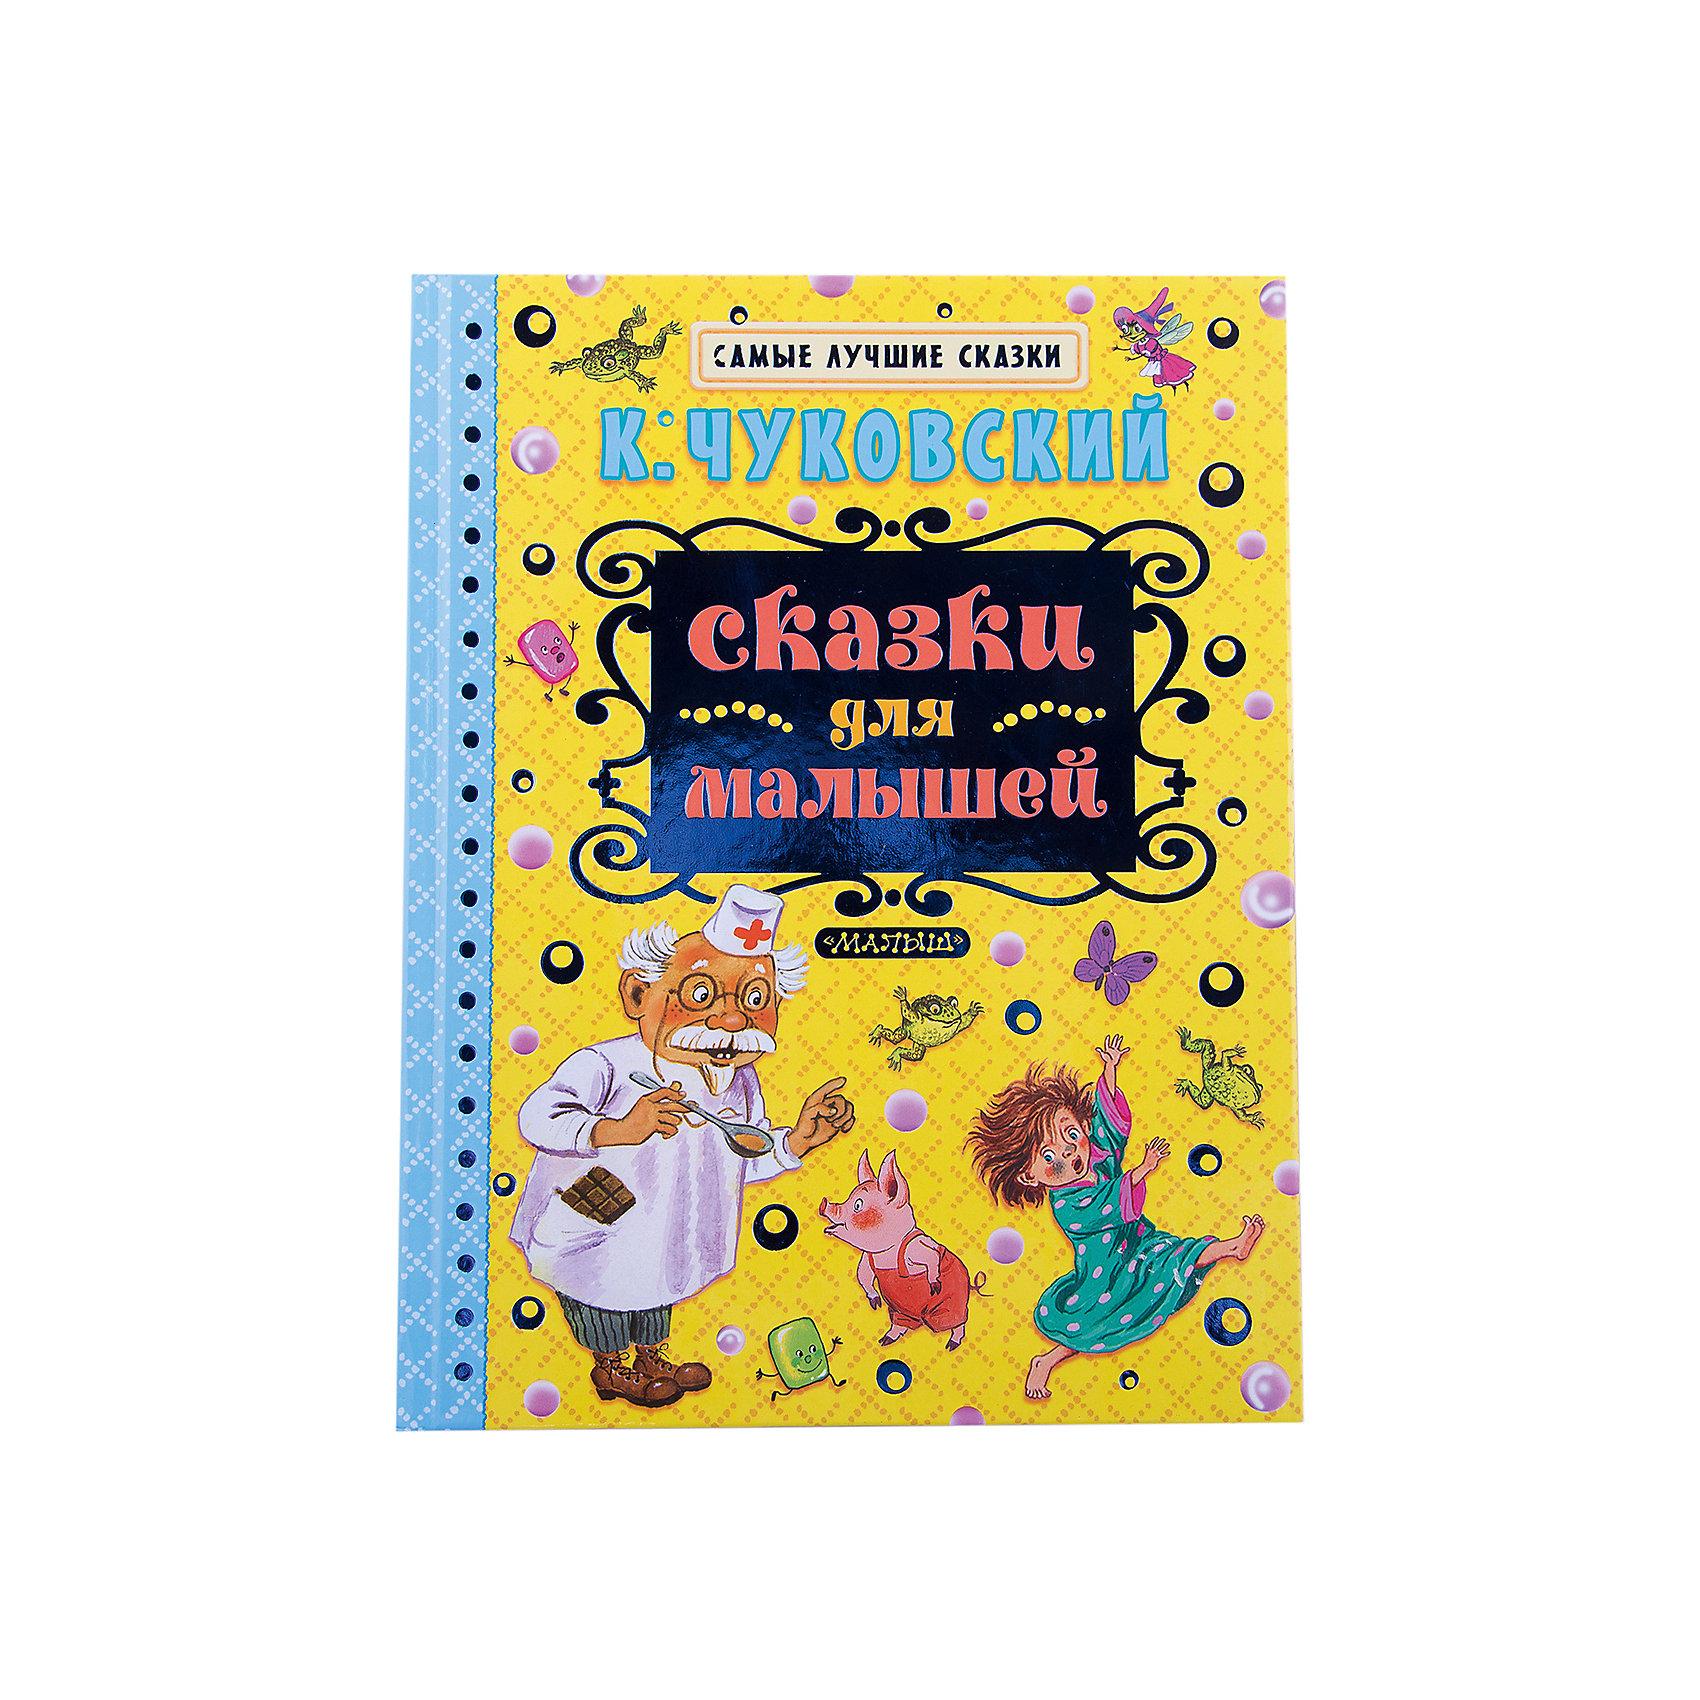 Сказки для малышей, К. ЧуковскийСказки<br>Корней Иванович Чуковский начал сочинять сказки очень рано, когда был ещё молодым, потому что сочинял он сказки для своих маленьких детей. Со временем эти чудесные сказки узнали другие дети, полюбили их. И стали выходить книжки с этими сказками, и выходят до сих пор.<br>В нашей книге Все сказки для малышей любимые сказки малышей разных поколений - Мойдодыр, Айболит, Телефон, Путаница, Федорино горе... Все сказки дедушки Корнея для малышей с замечательными картинками лучших художников.<br>Для дошкольного возраста.<br><br>Ширина мм: 255<br>Глубина мм: 197<br>Высота мм: 120<br>Вес г: 518<br>Возраст от месяцев: 12<br>Возраст до месяцев: 2147483647<br>Пол: Унисекс<br>Возраст: Детский<br>SKU: 6848329